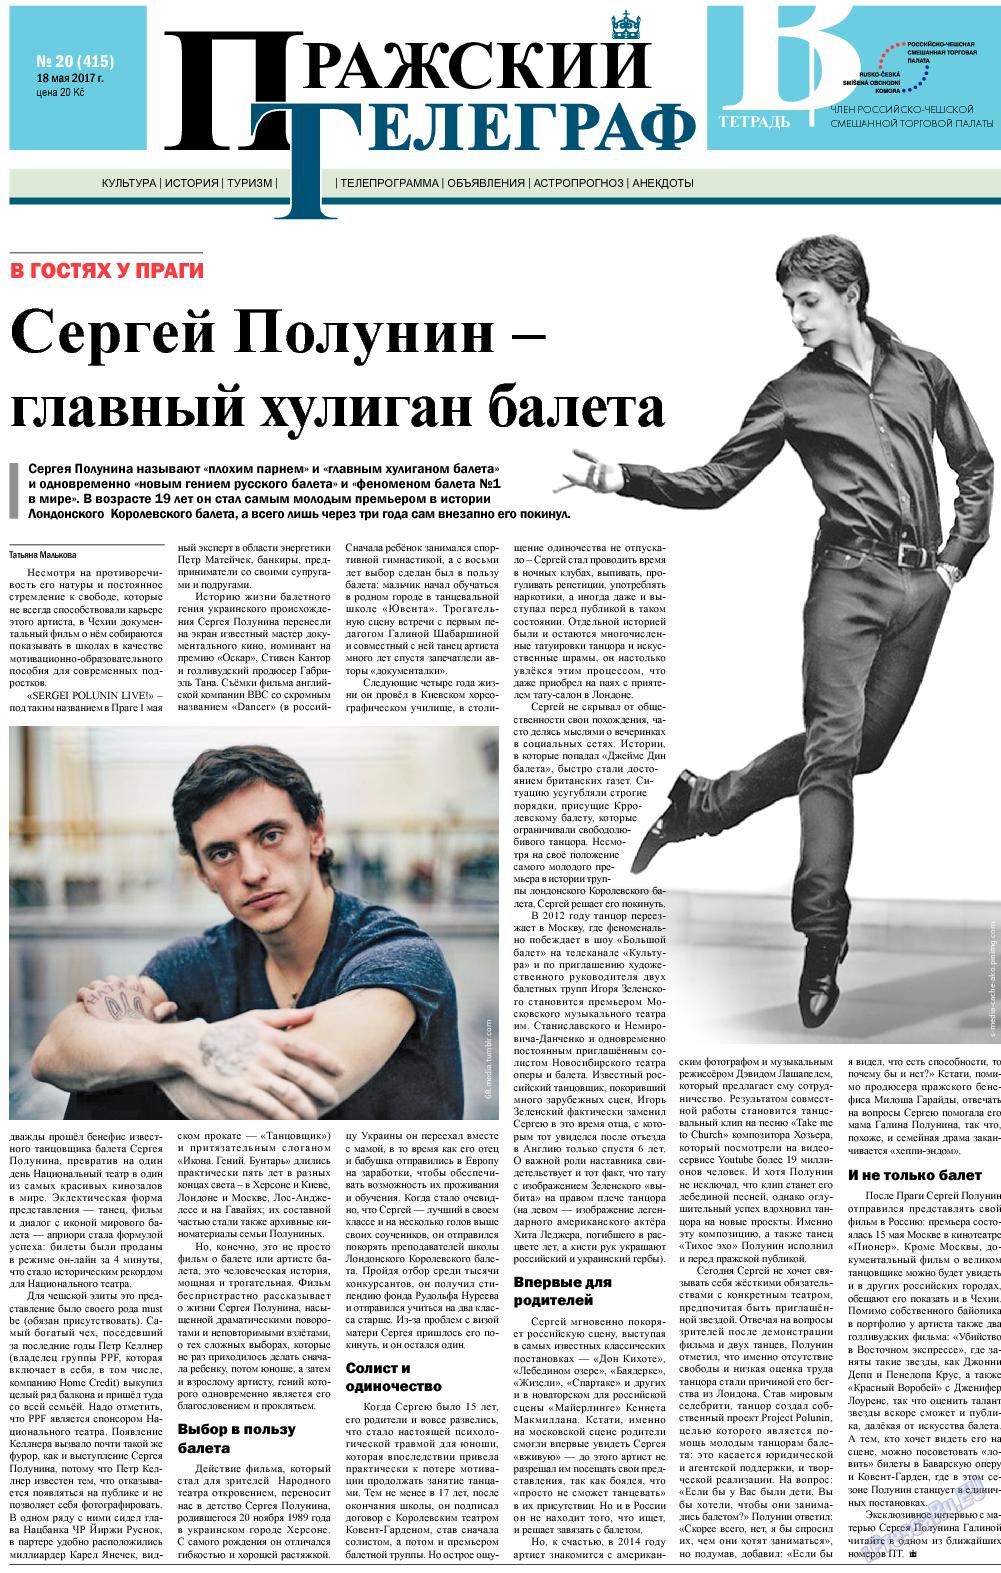 Пражский телеграф (газета). 2017 год, номер 20, стр. 9